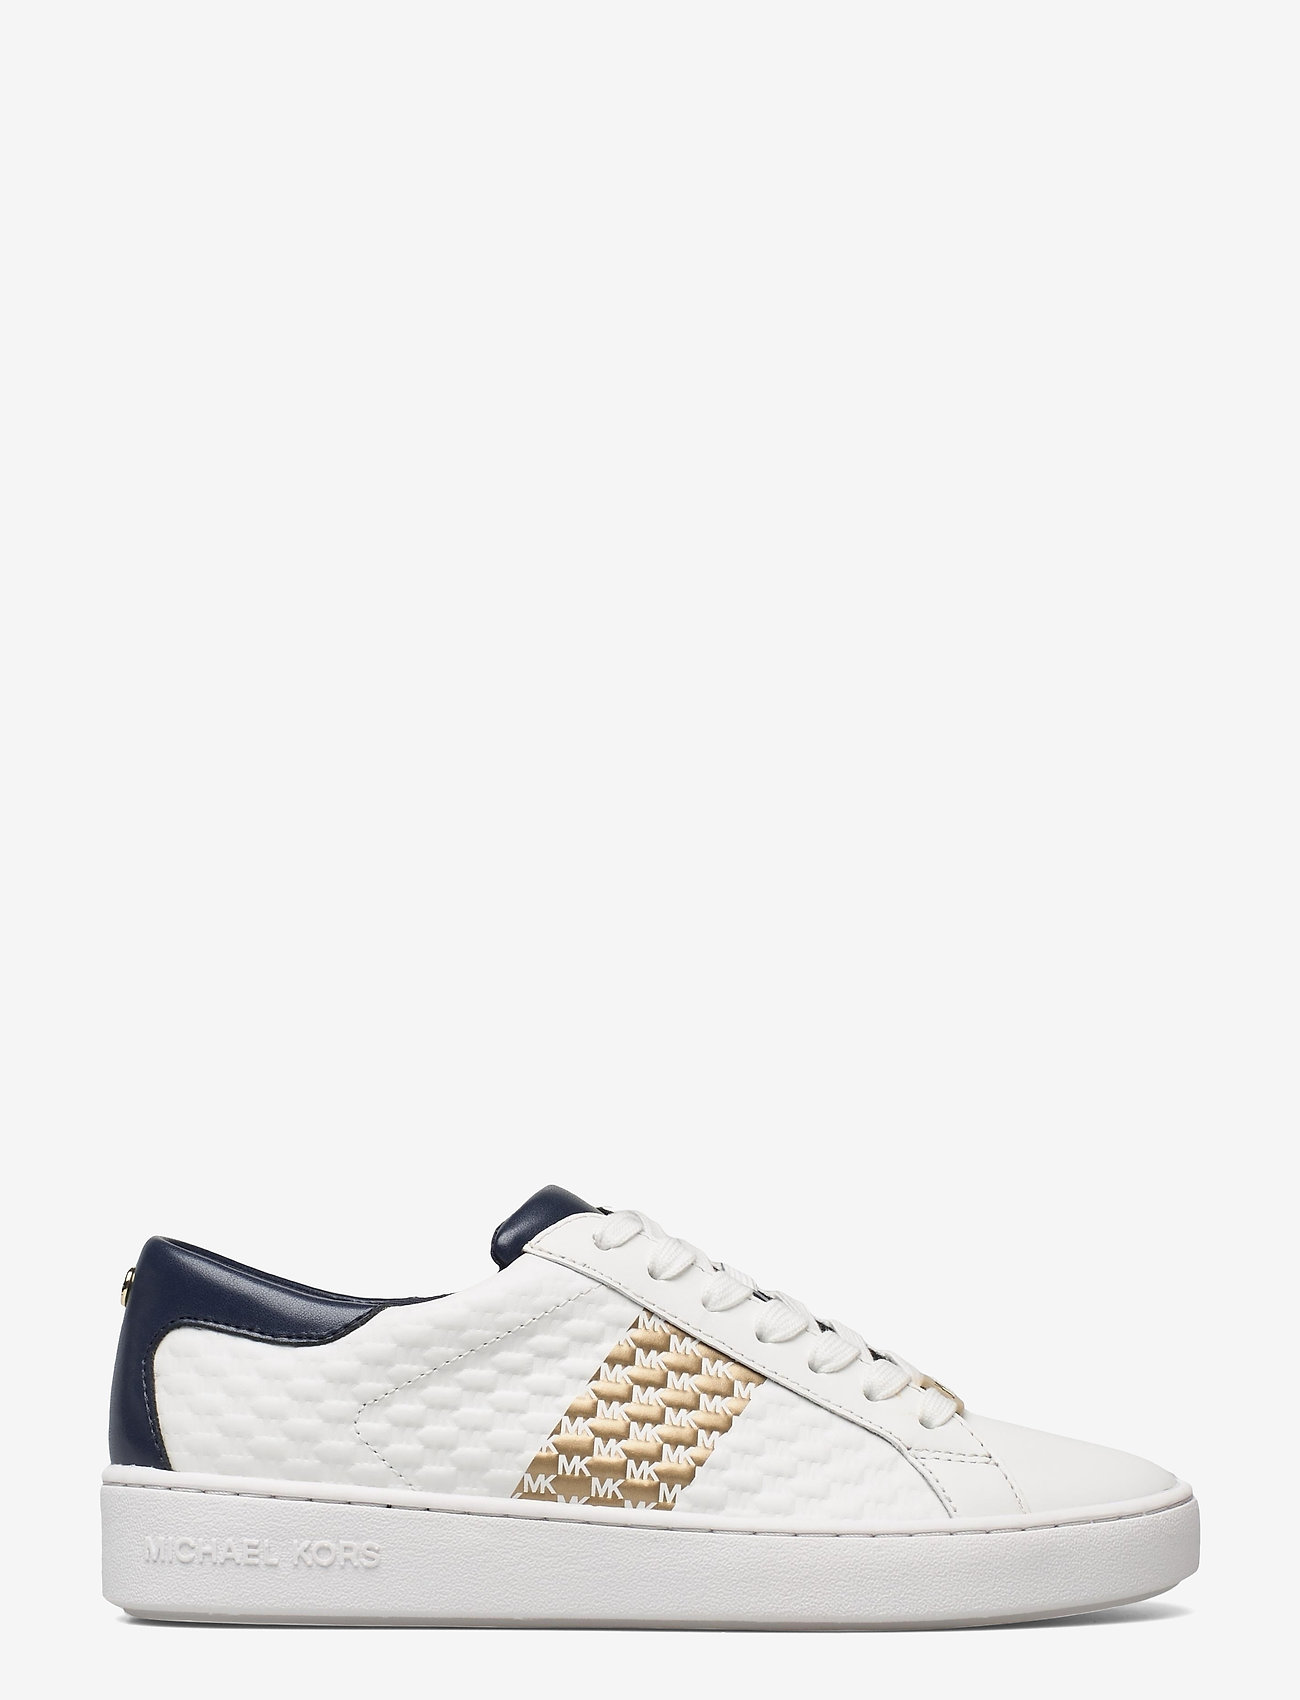 Michael Kors - COLBY SNEAKER - lage sneakers - navy - 1